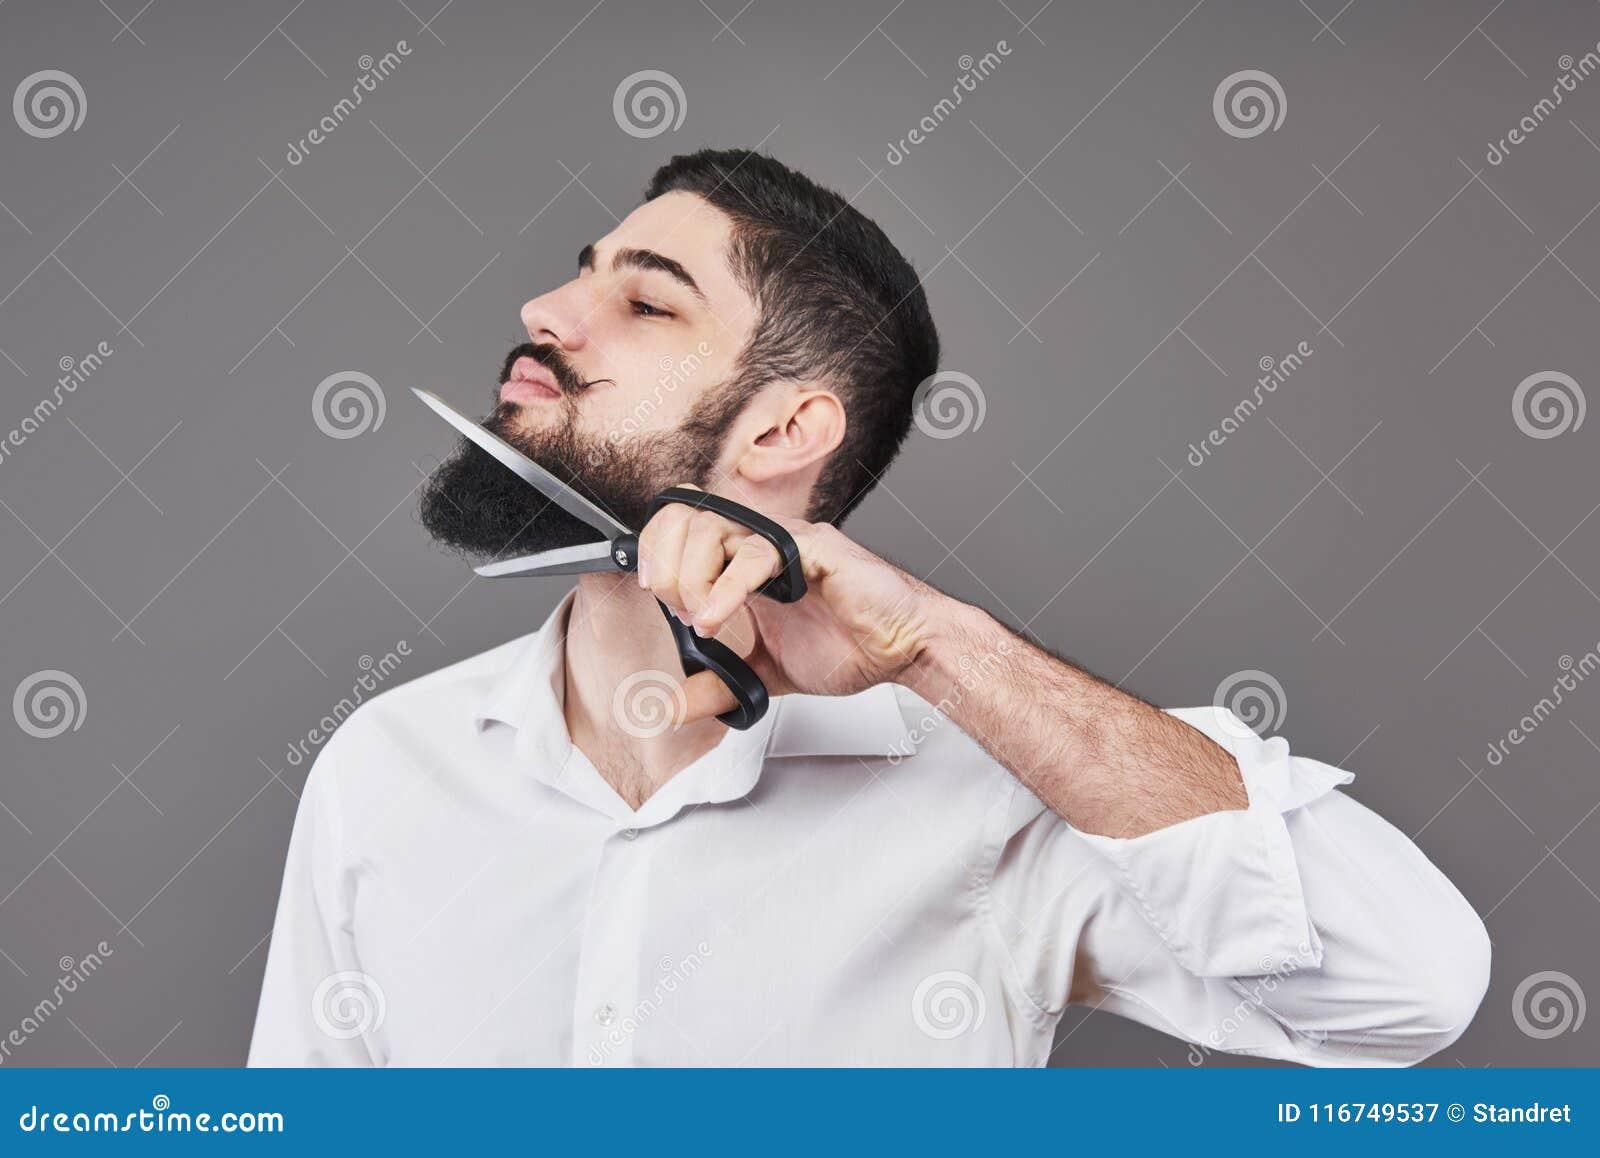 Nicht mehr Bart Porträt des hübschen jungen Mannes, der seinen Bart mit Scheren schneidet und Kamera bei der Stellung betrachtet